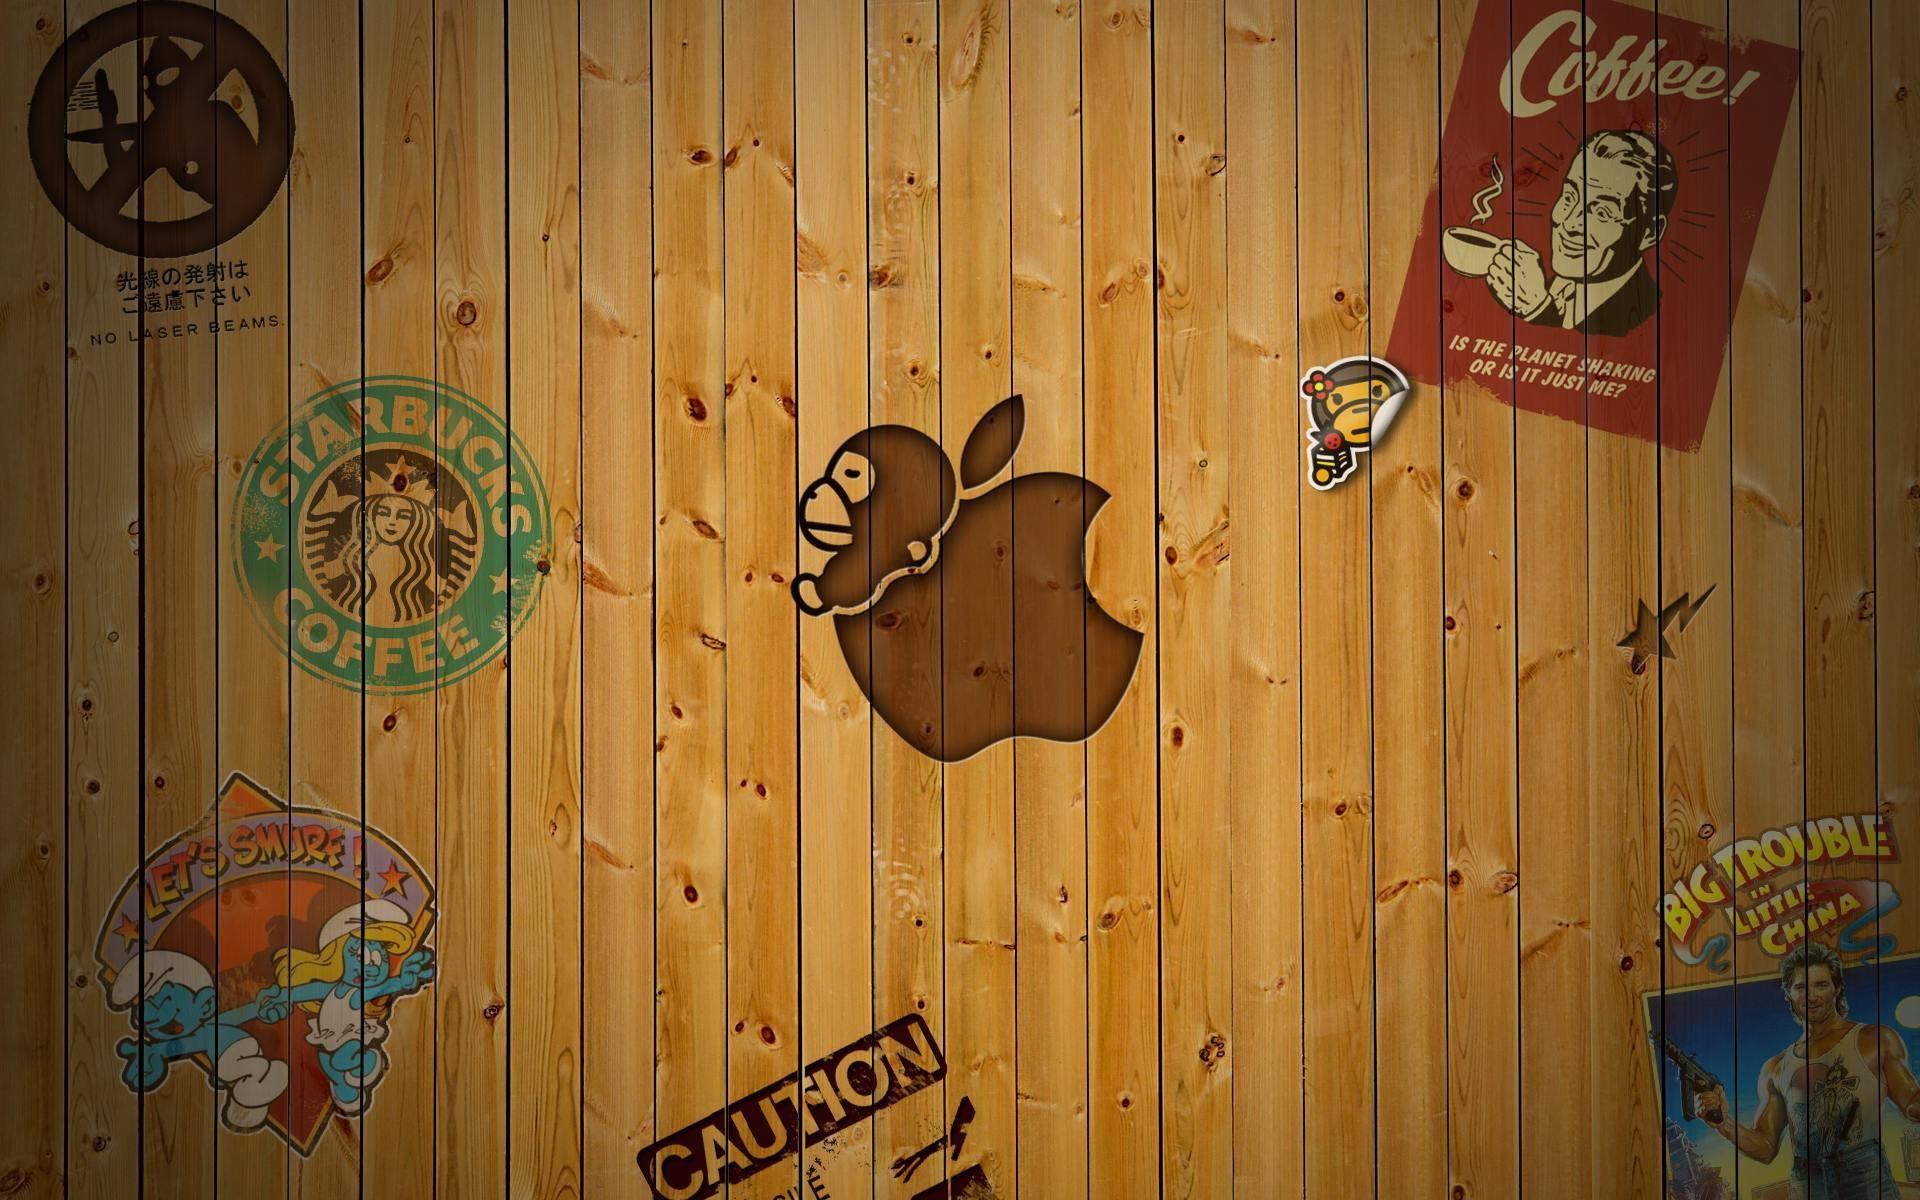 Wood Desktop Backgrounds Wallpaper 1280×720 Wood Wallpapers Desktop (37  Wallpapers) | Adorable